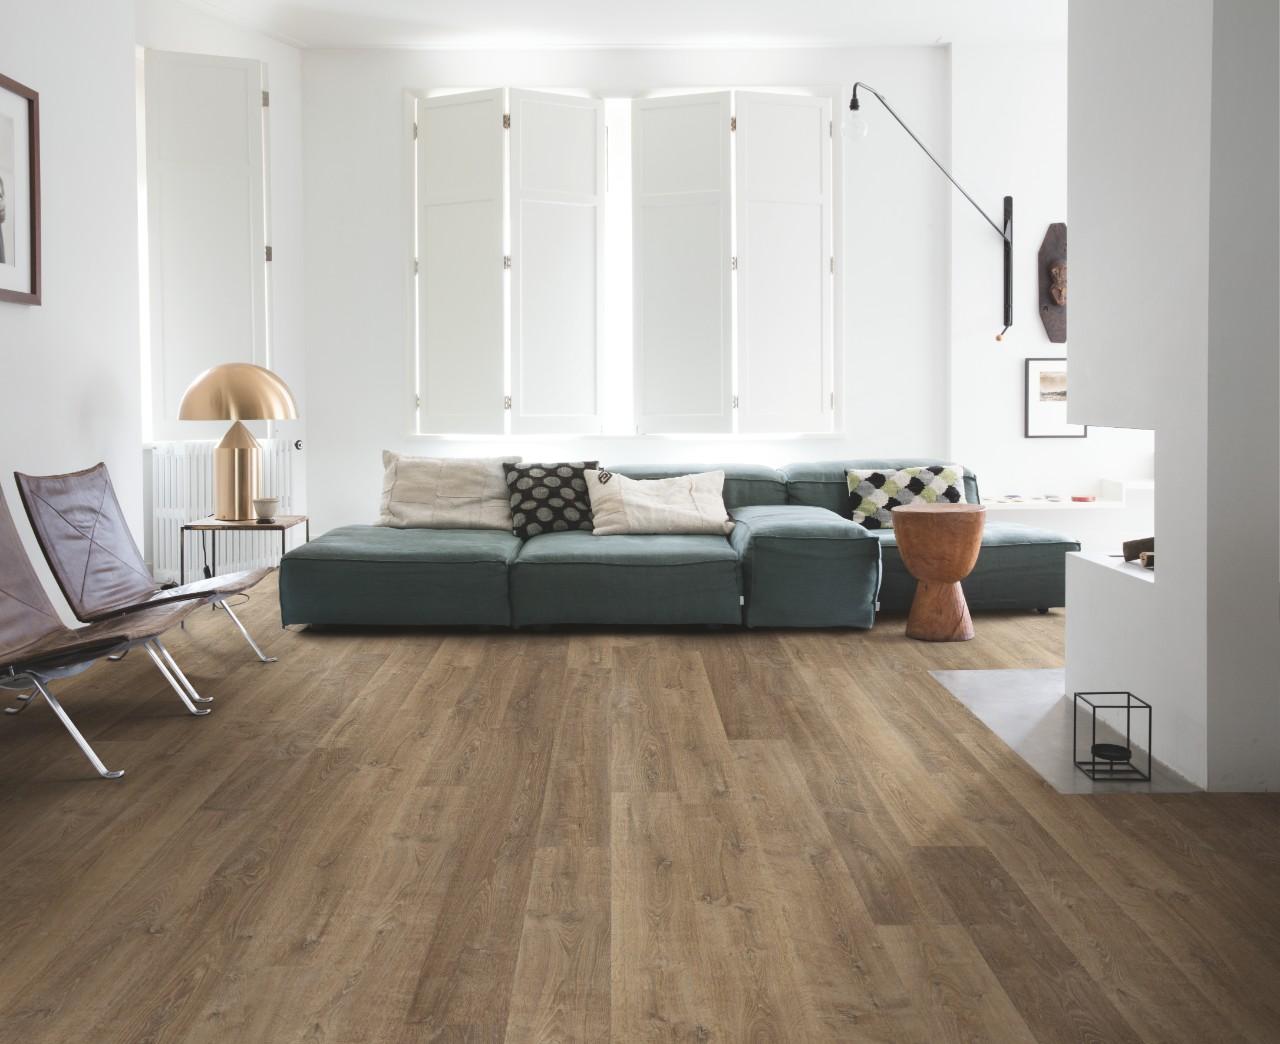 Consejos para encontrar el suelo laminado más barato